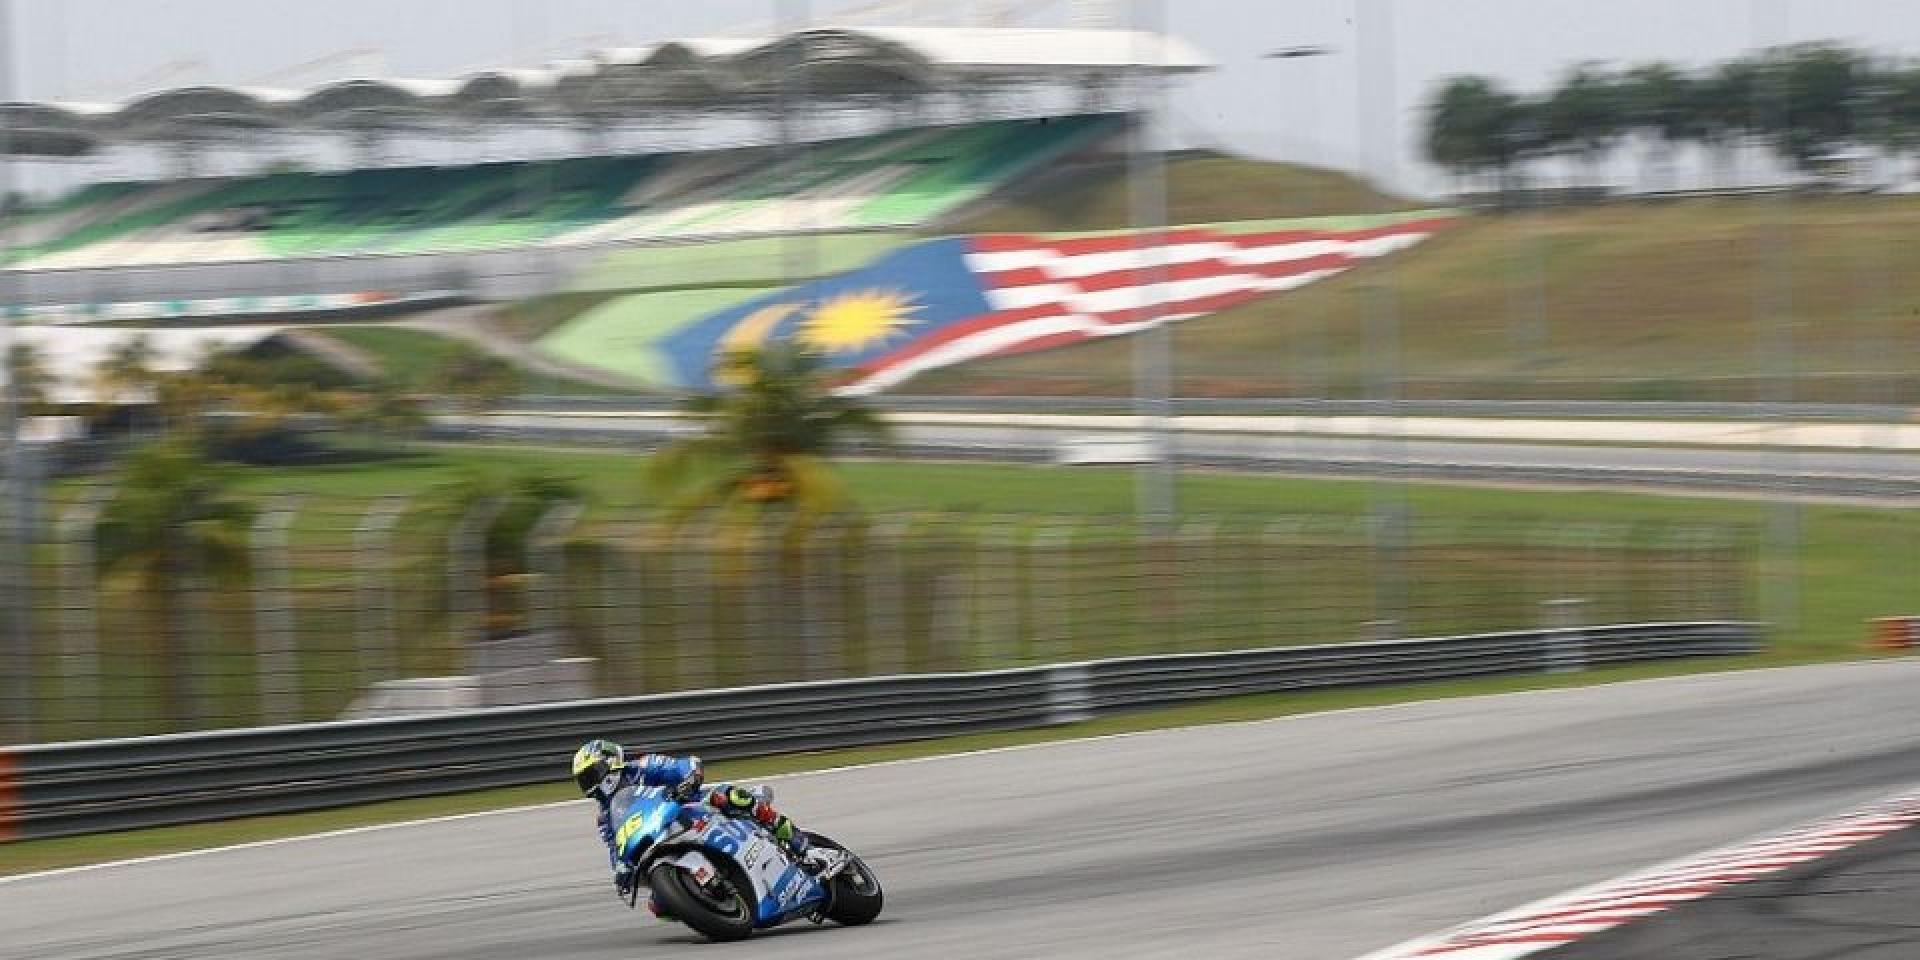 馬來西亞緊急狀態!MotoGP Sepang官方季前測試正式取消!